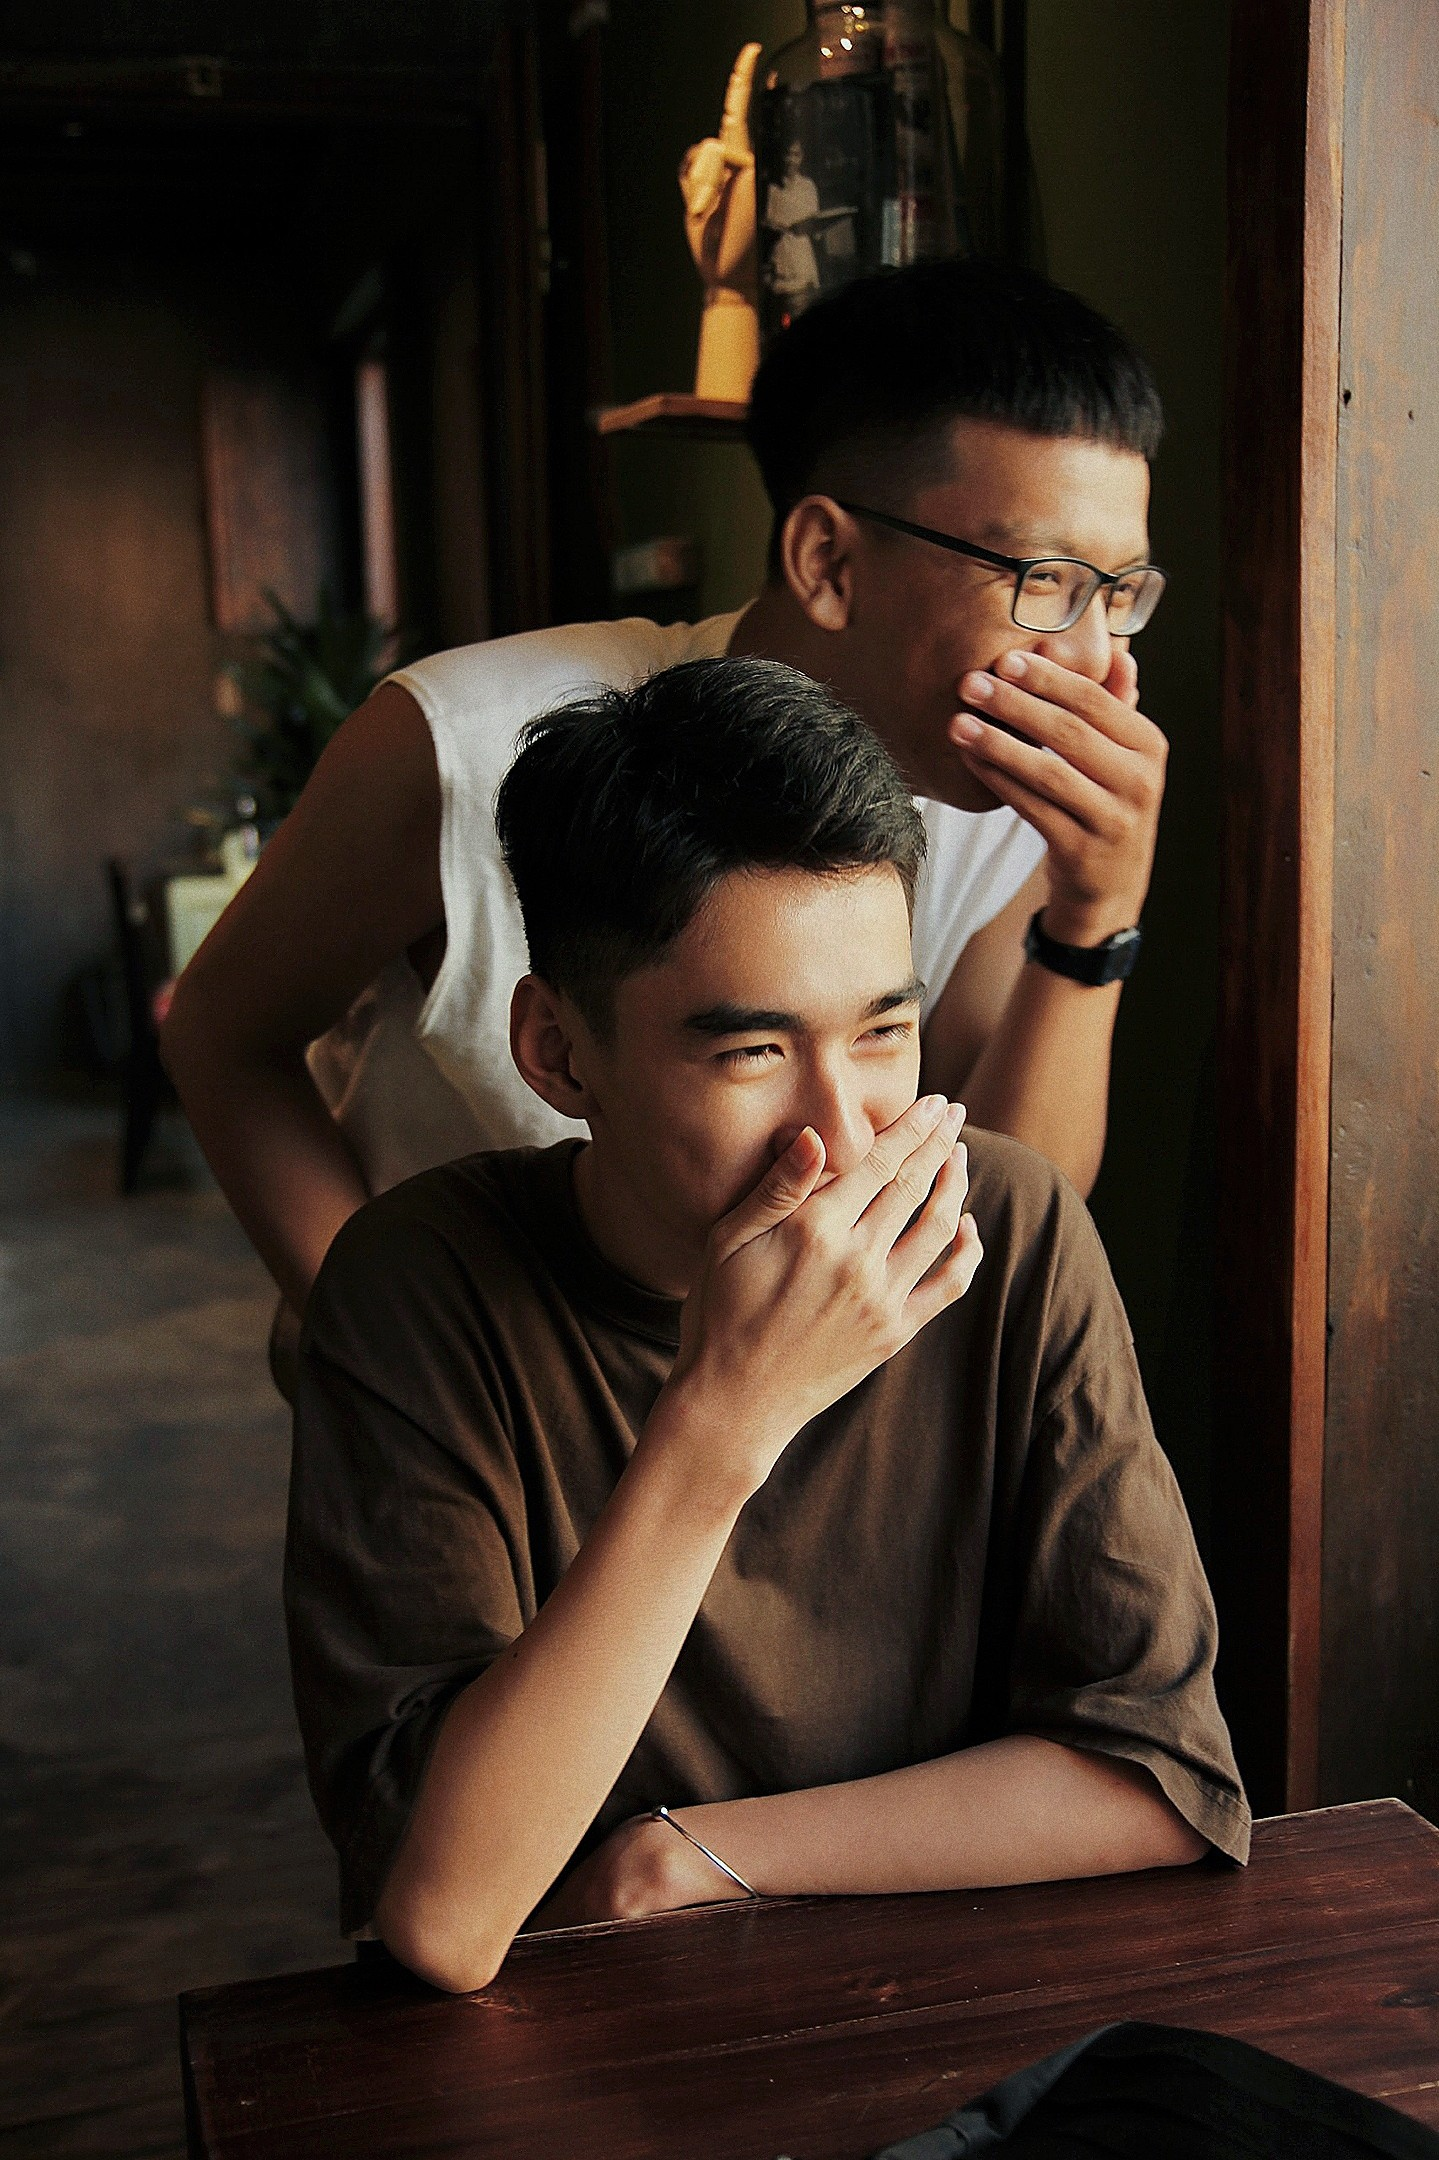 Bộ ảnh rất tình của cặp LGBT điển trai khiến cộng đồng mạng thổn thức - Ảnh 2.